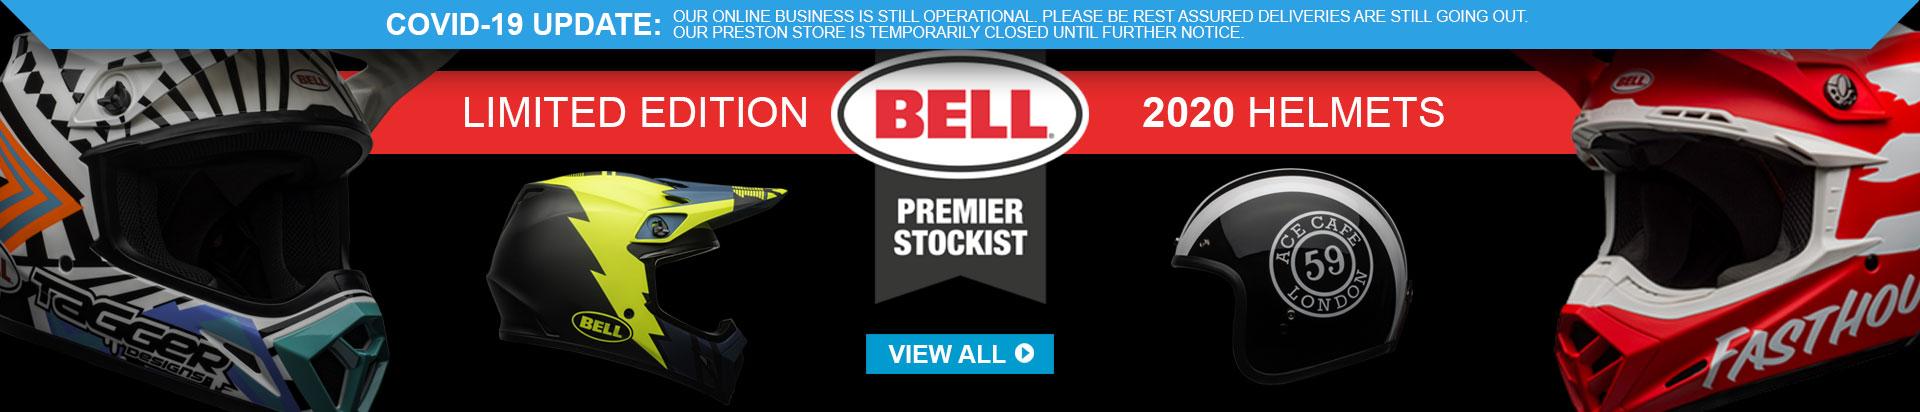 Bell 2020 Helmets